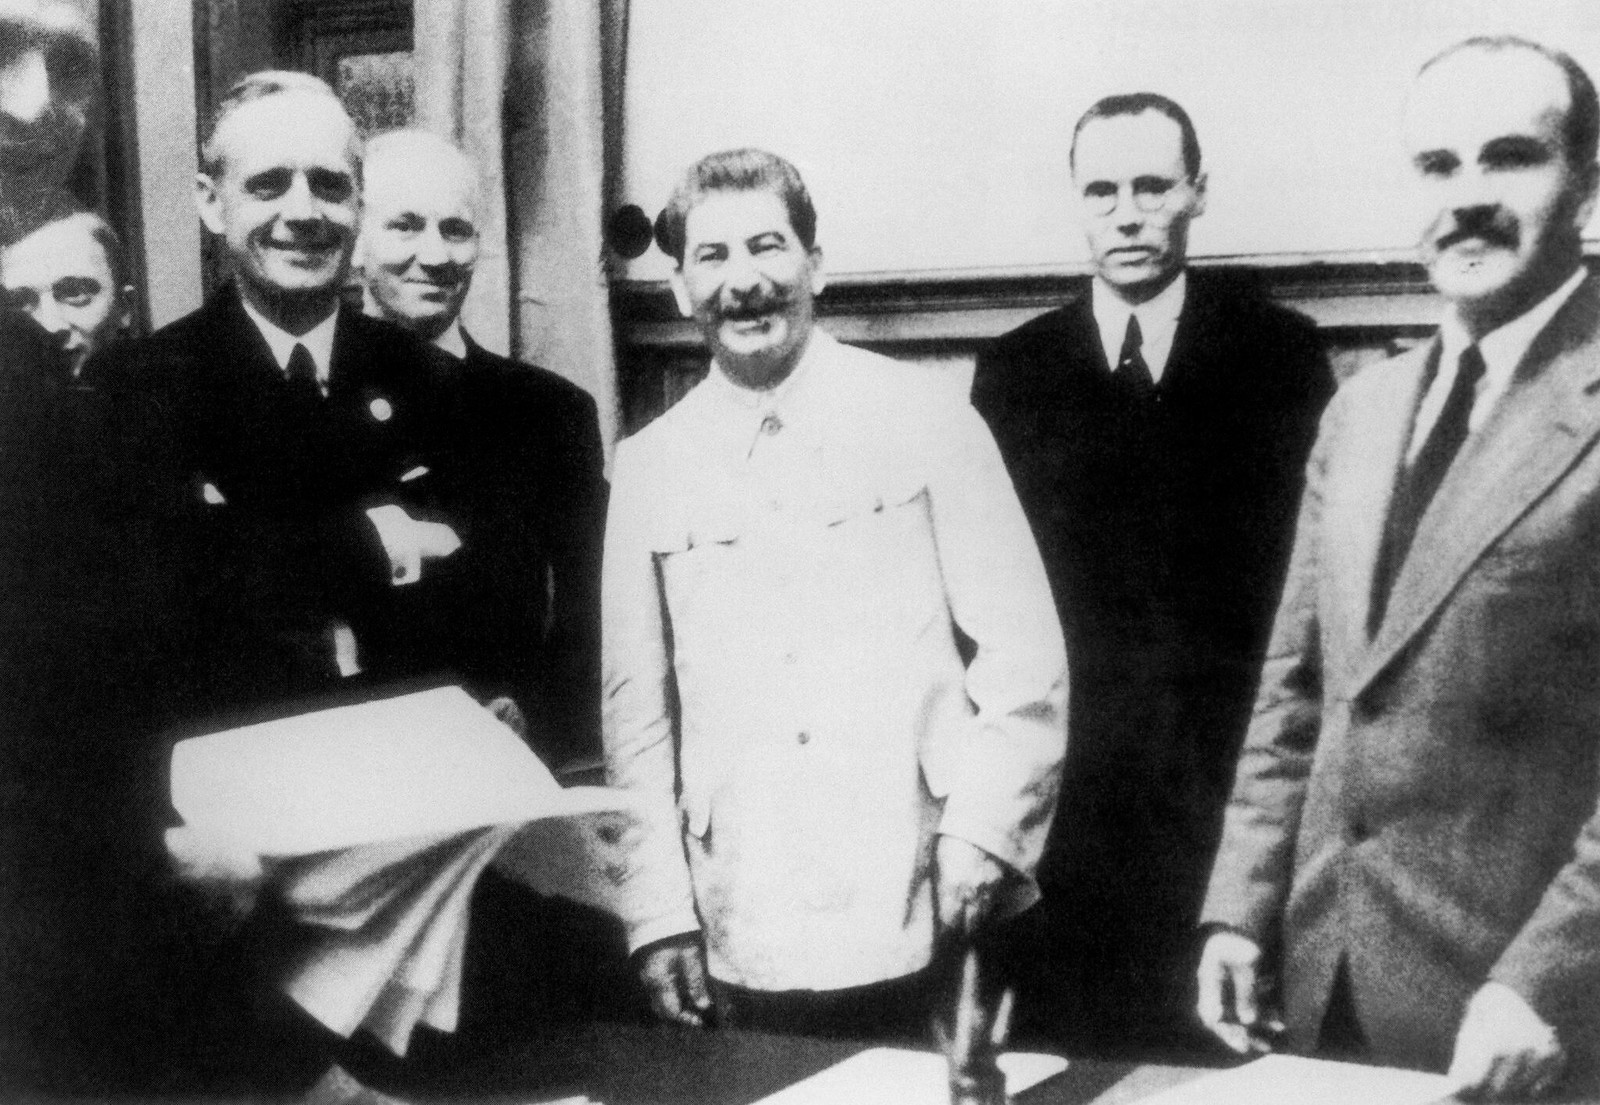 1939. Министр иностранных дел Германии Йоахим фон Риббентроп, Иосиф Сталин и советский министр иностранных дел Вячеслав Молотов фотографируются на церемонии подписания германо-советского договора о ненападении 23 августа